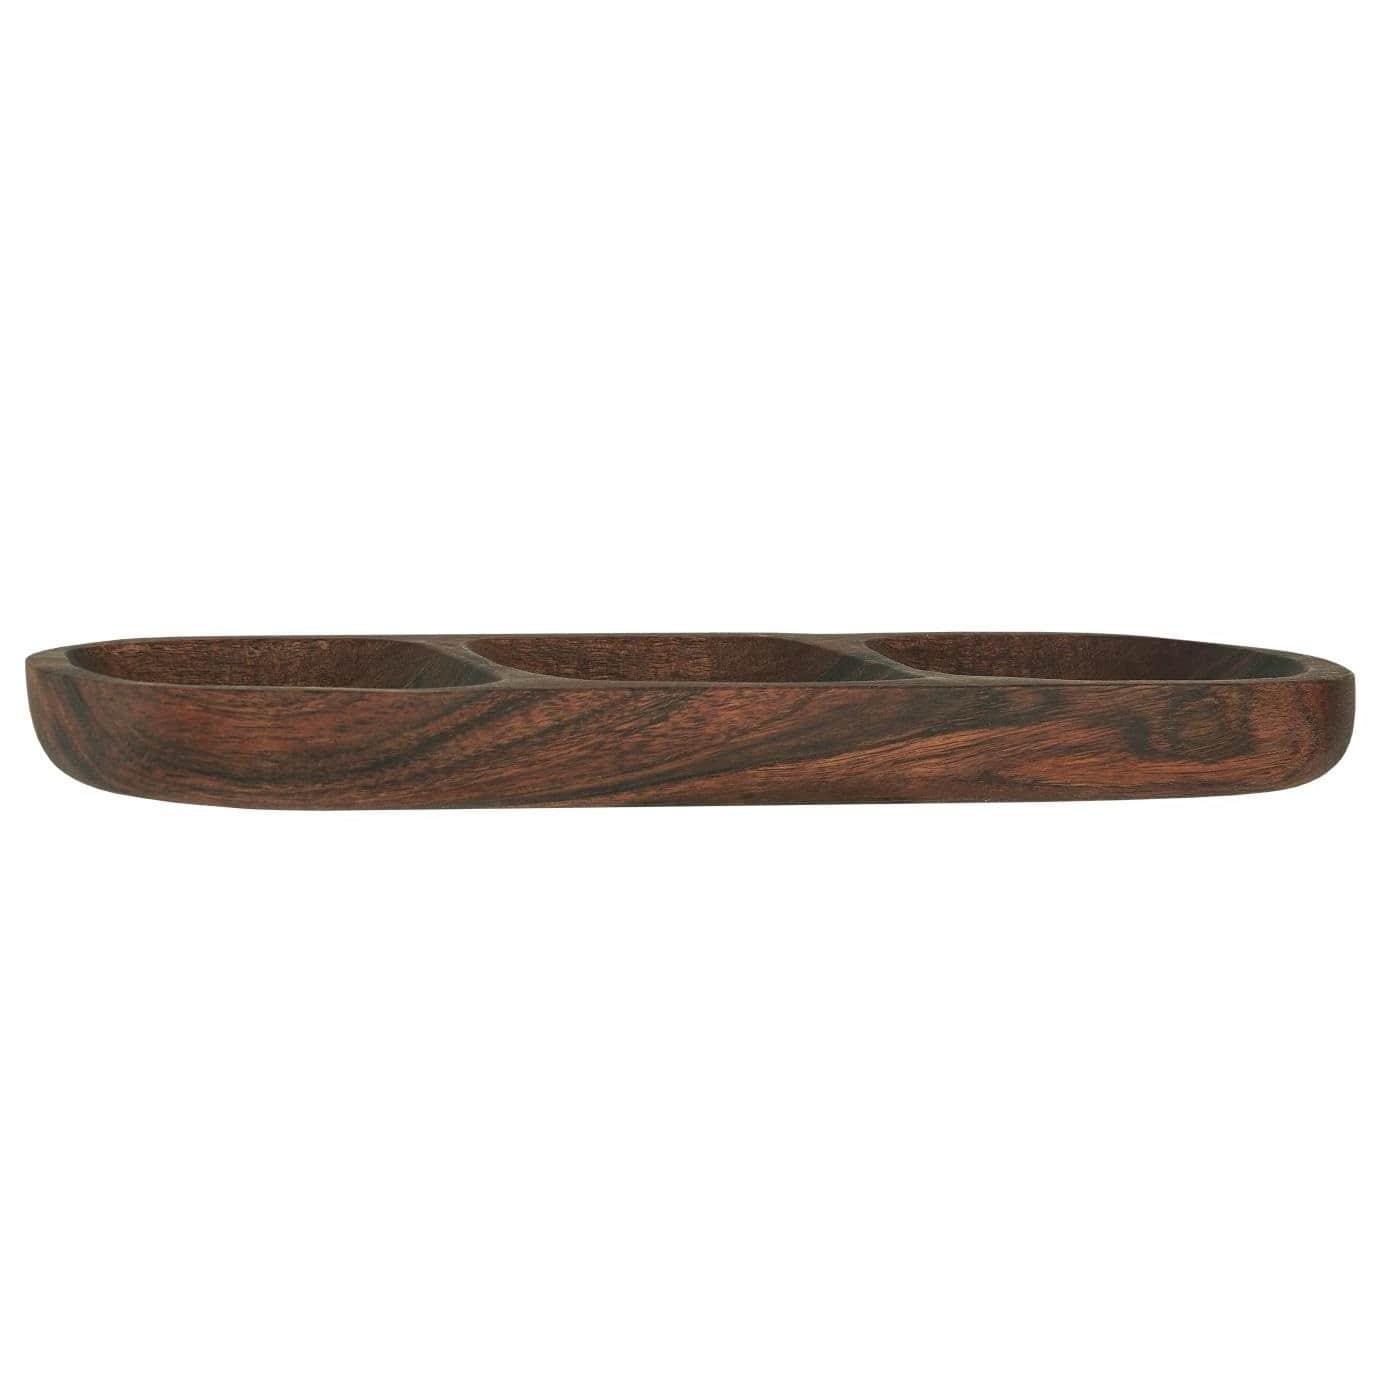 IB LAURSEN Dřevěný servírovací tác Acacia Wood, přírodní barva, dřevo